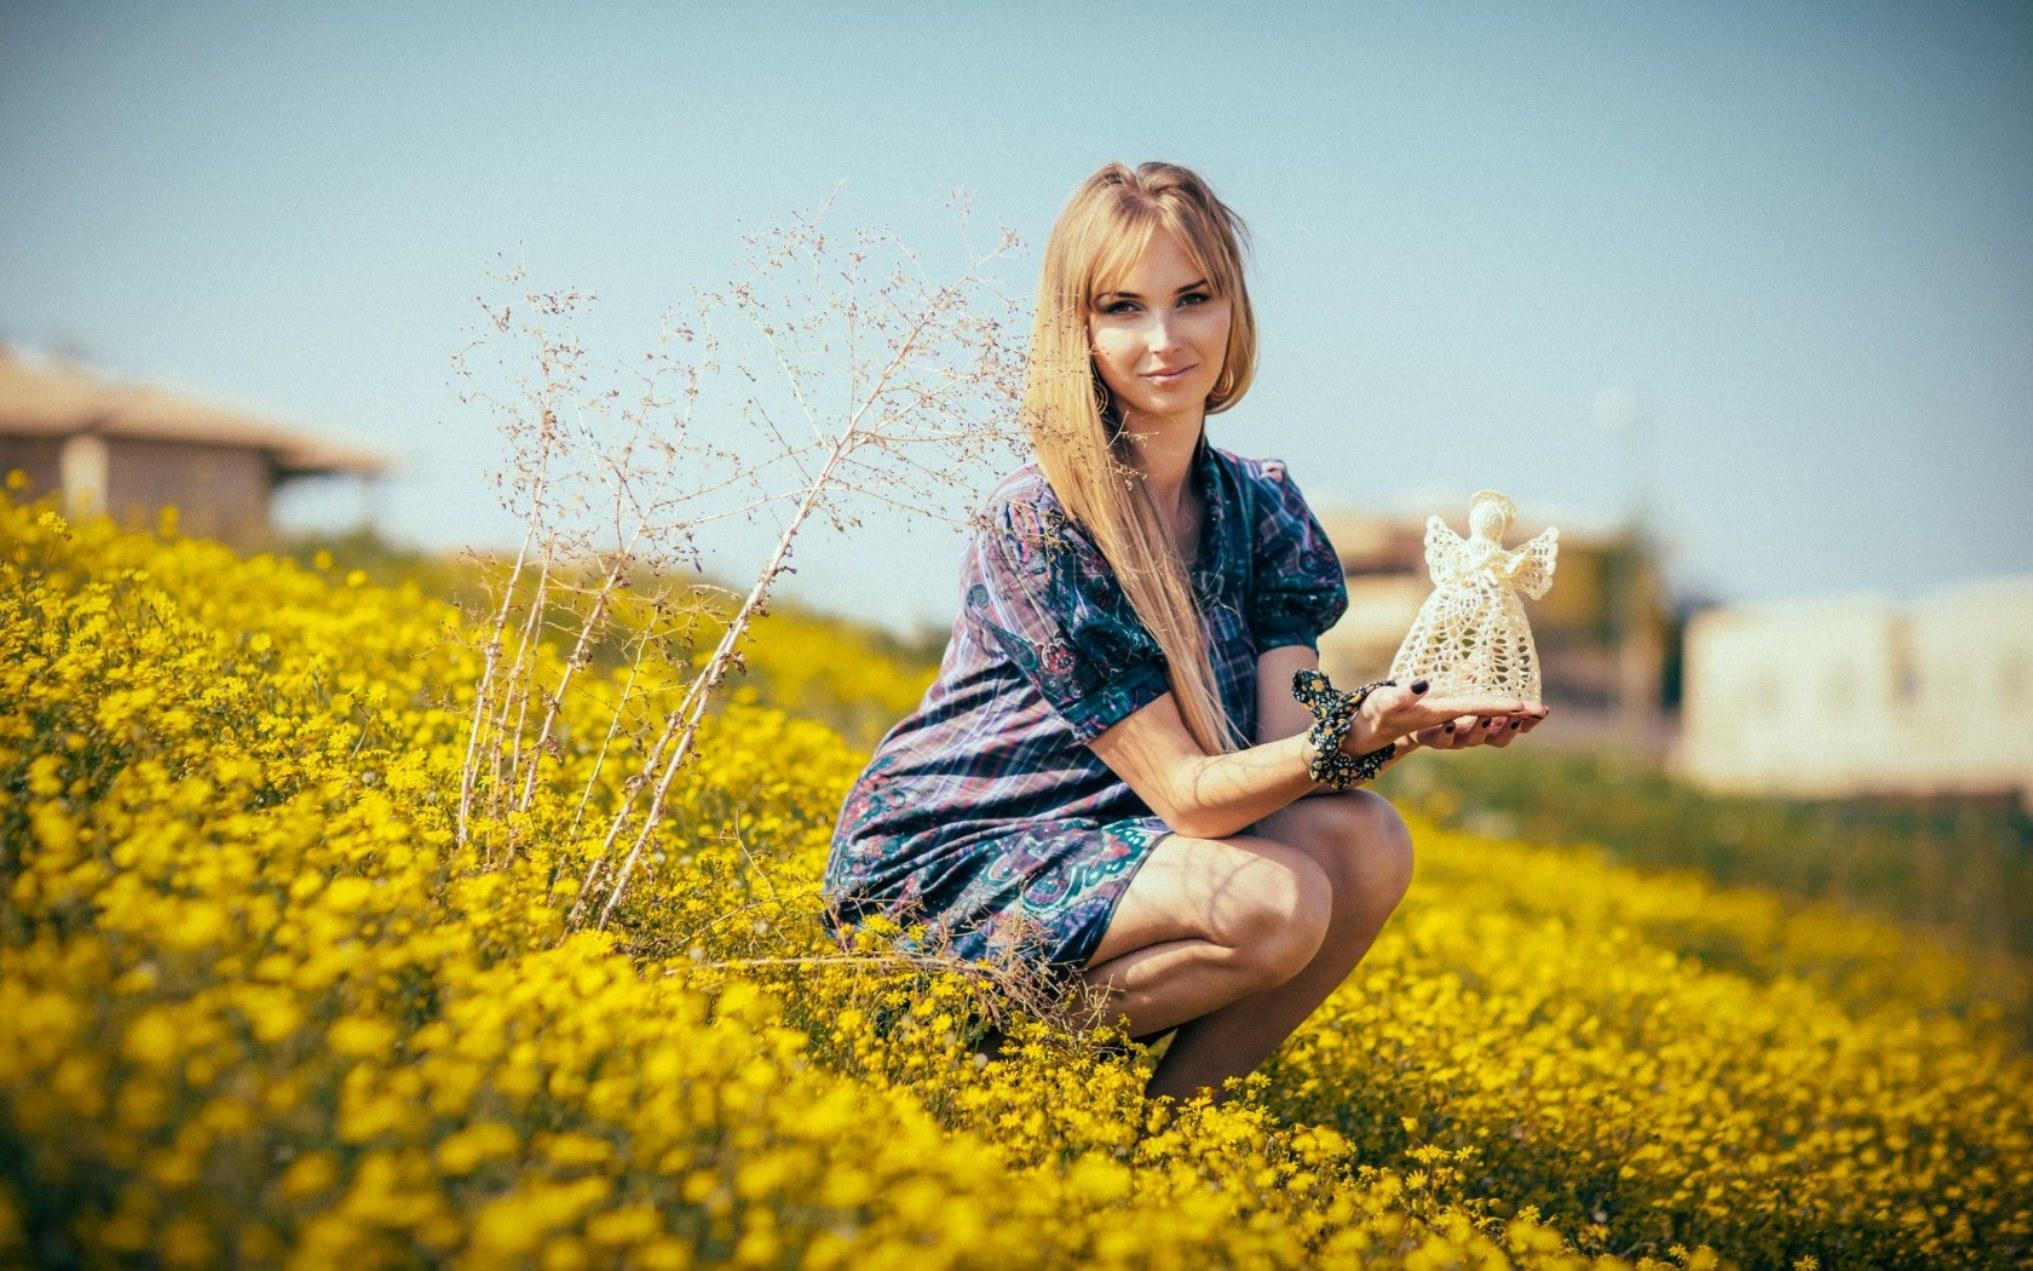 красотка, корзина, желтое платье бесплатно